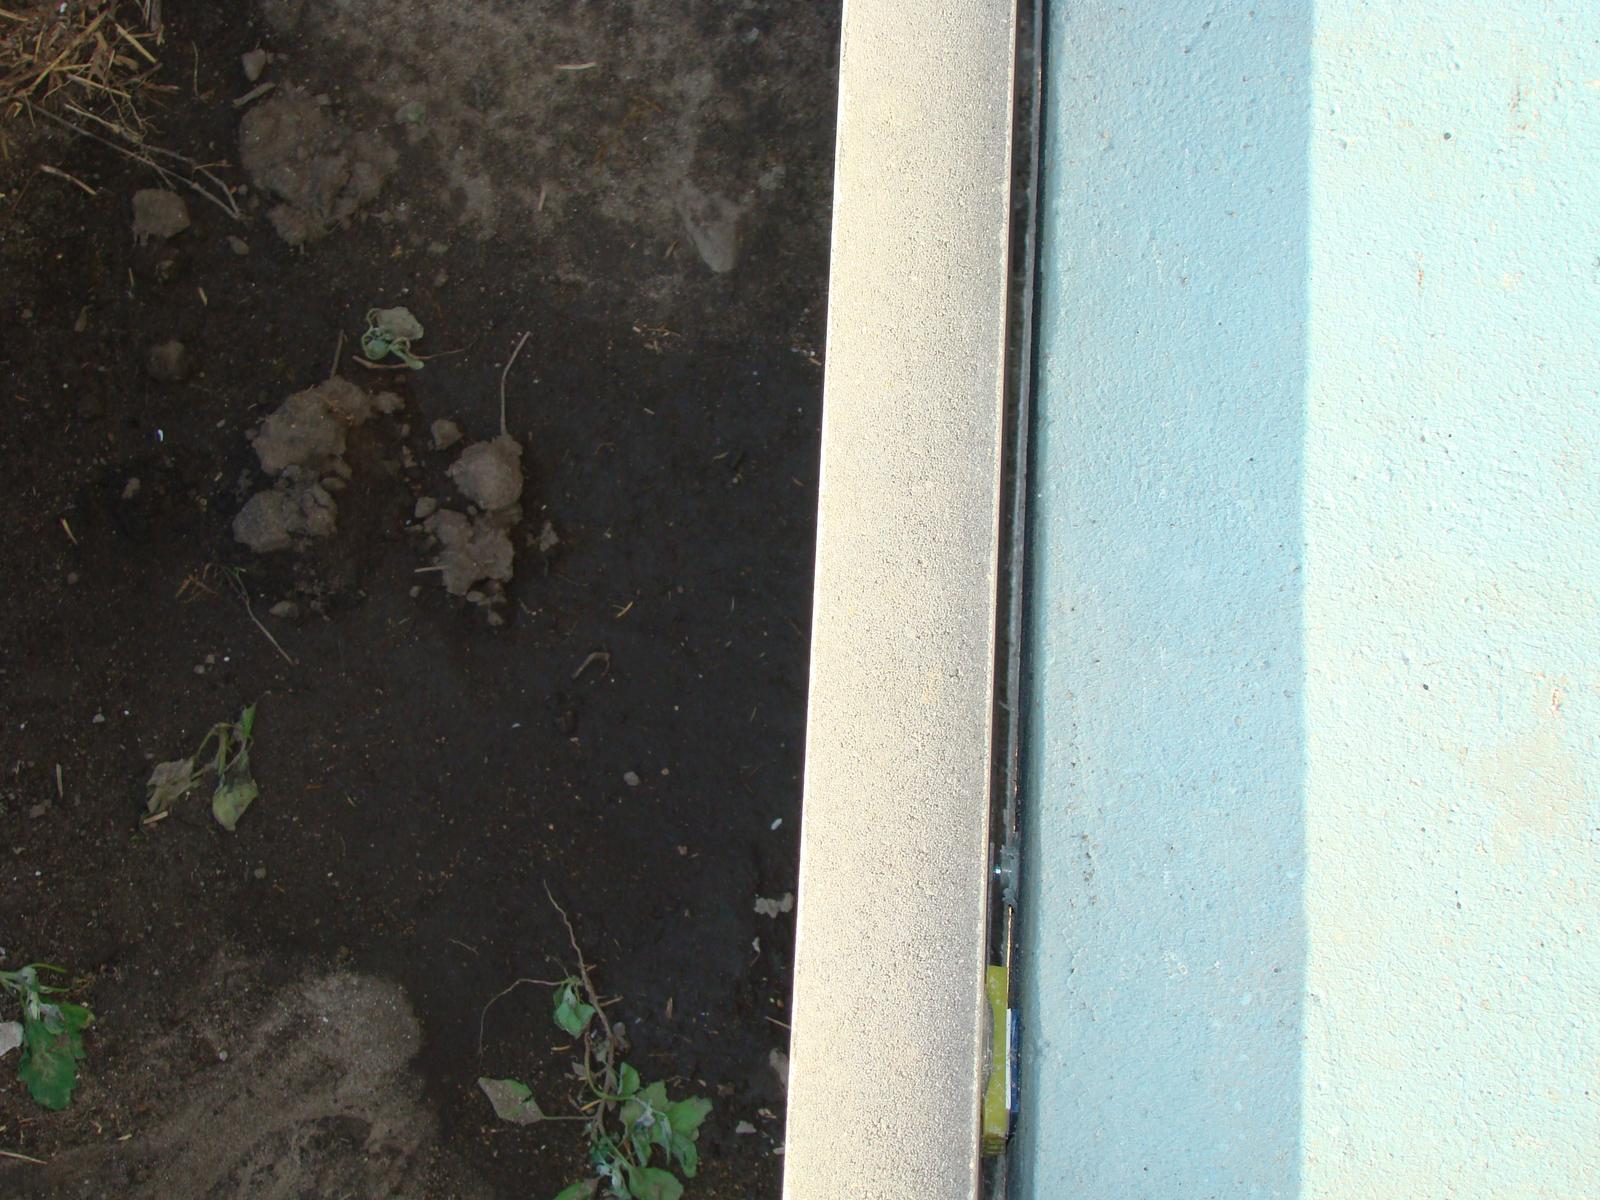 Terasa k domu - Medzi platňou a obrubníkom som nechal medzeru cca 5 mm, aby voda a prach mali kde odtekať.